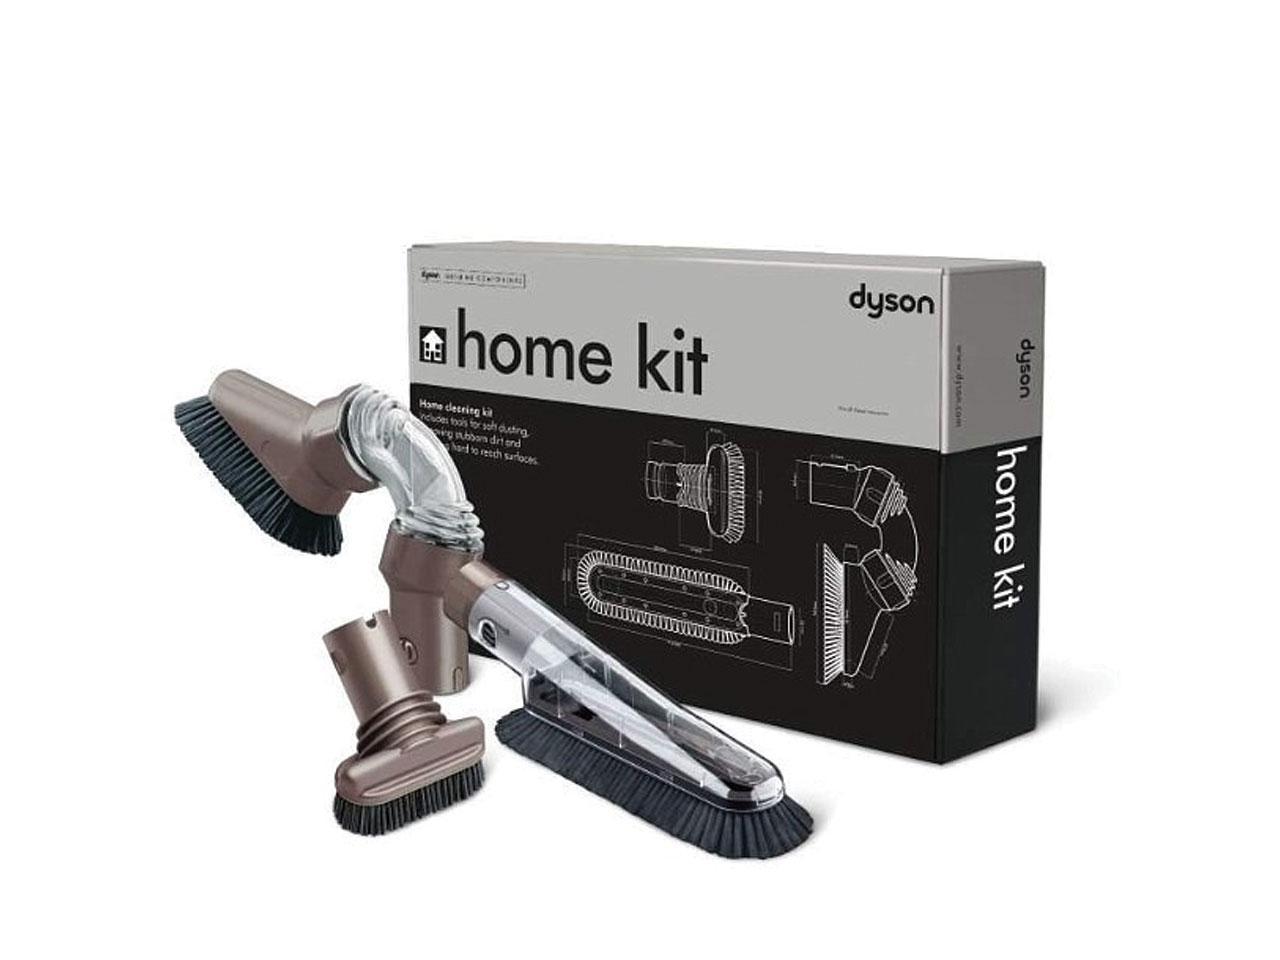 DYSON Home kit (DS-912772-04)